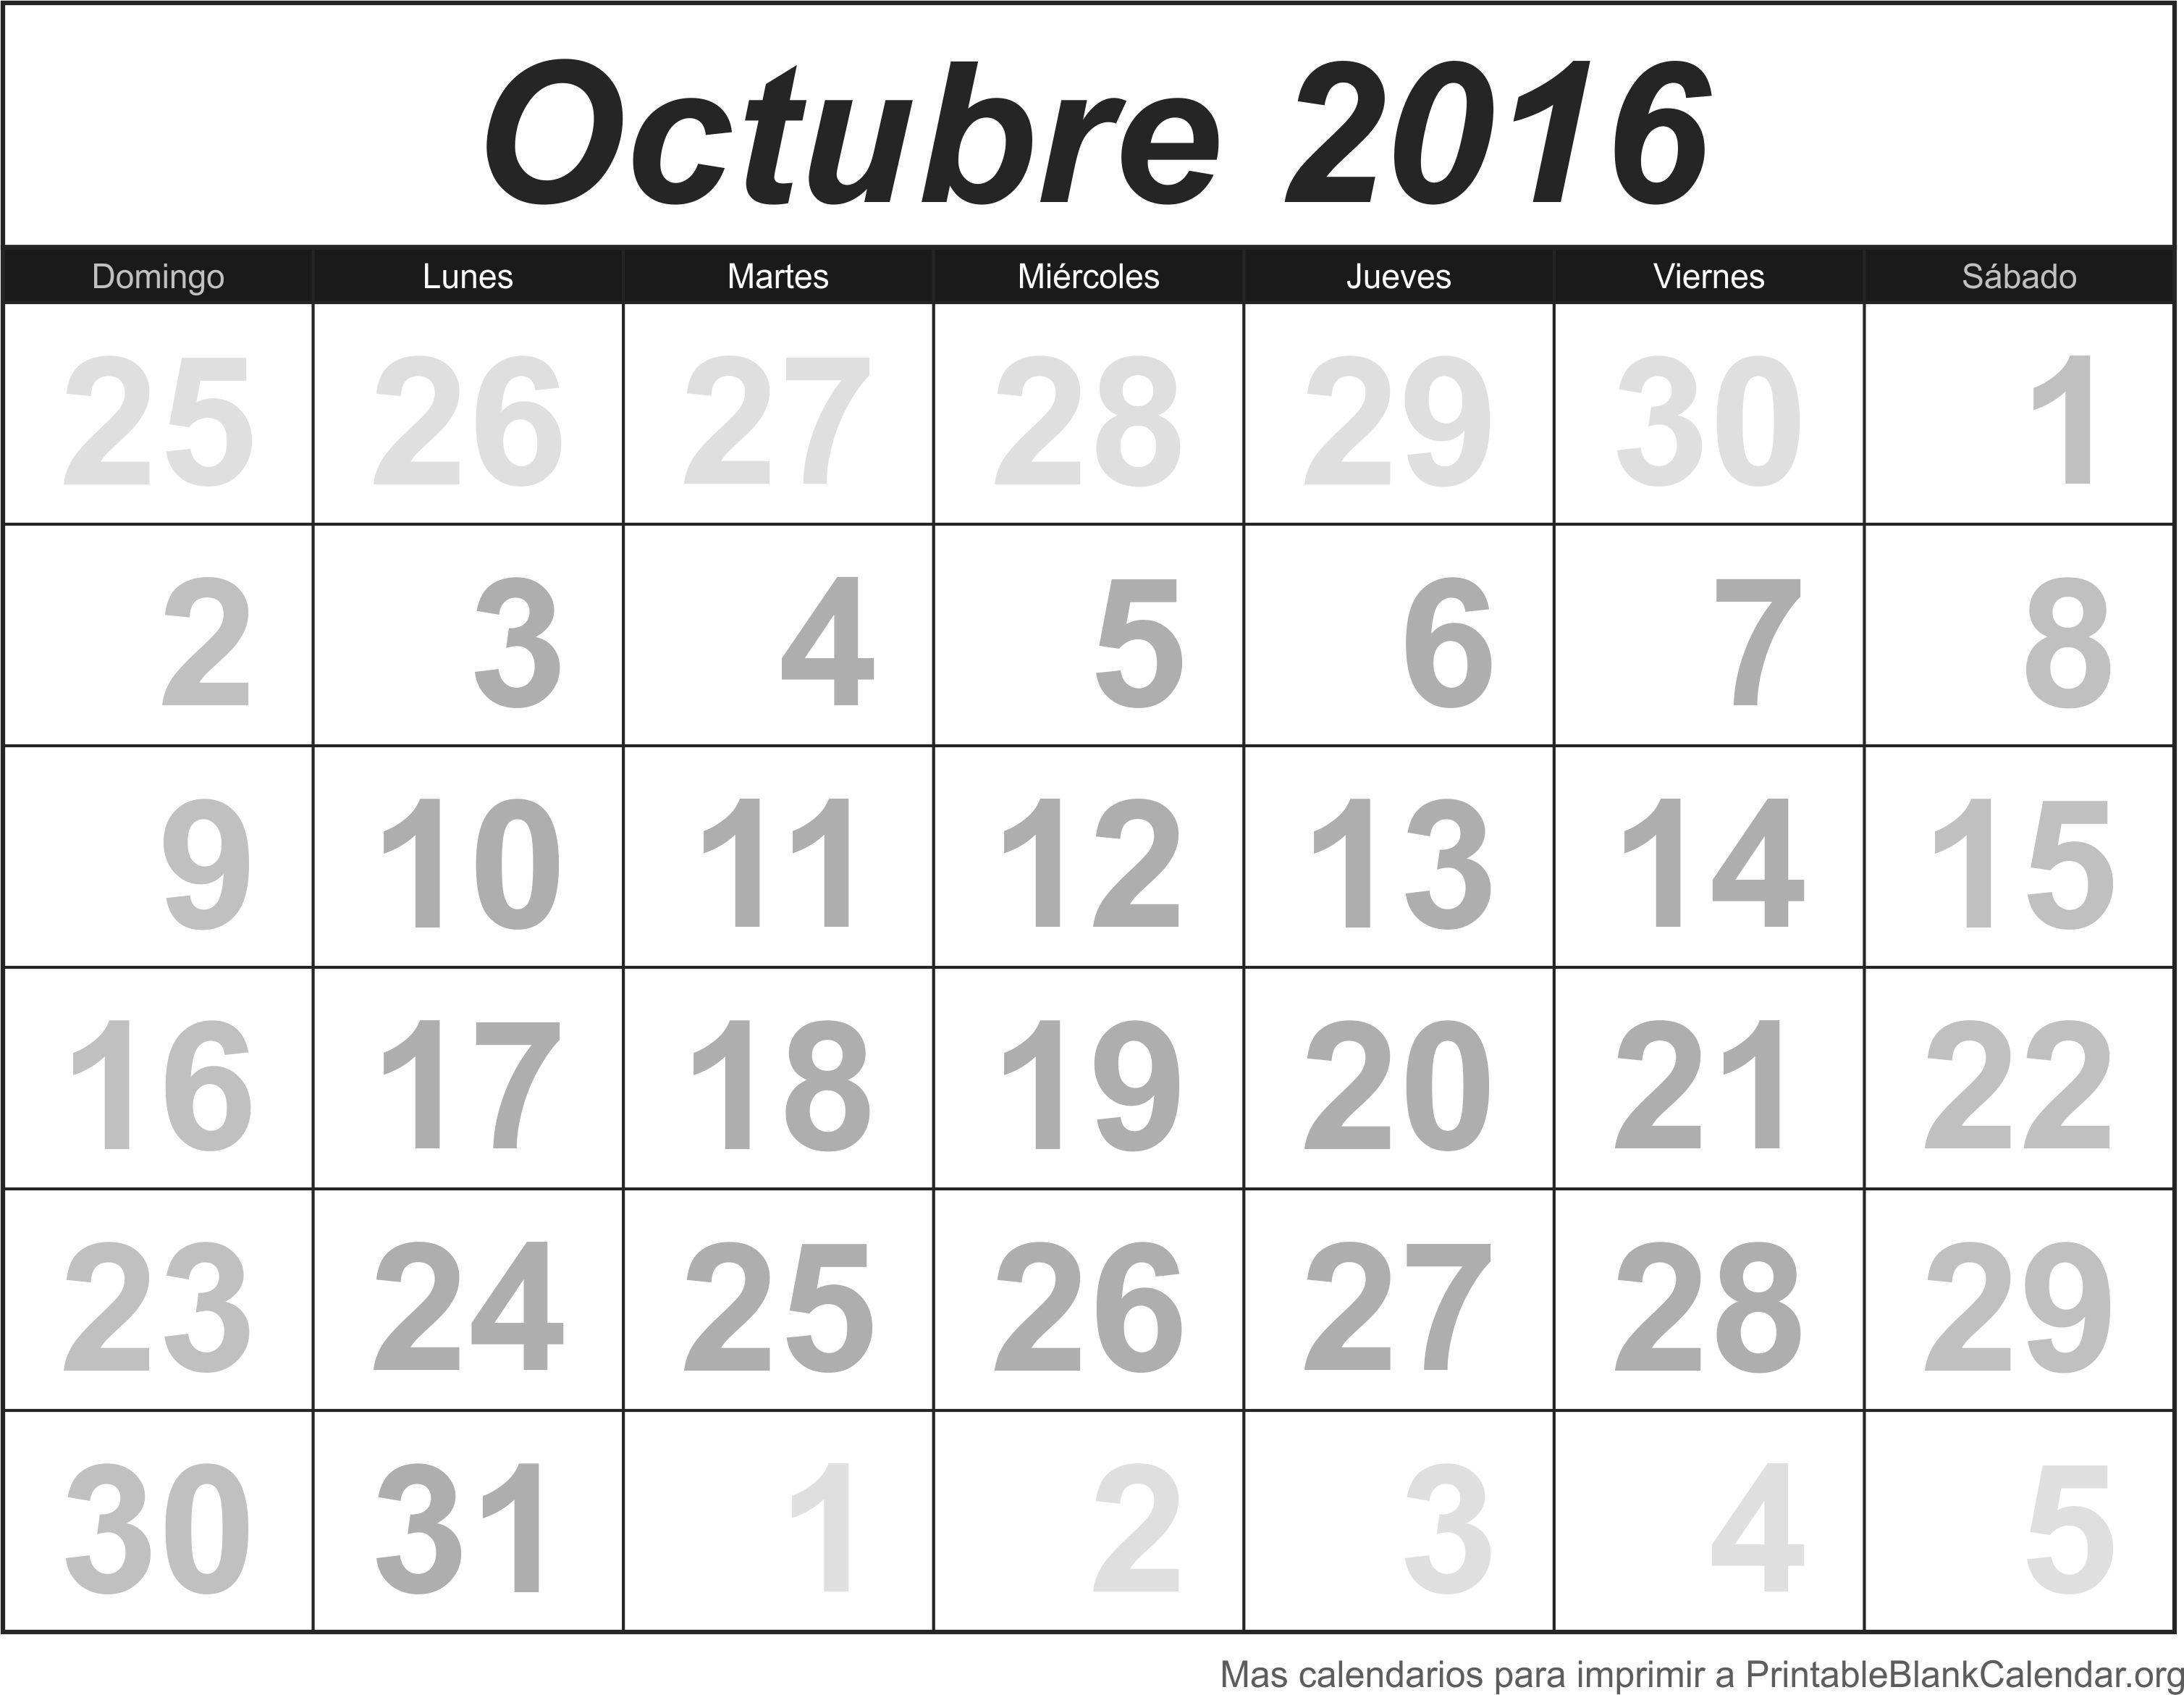 Calendario Oct 2016 para imprimir